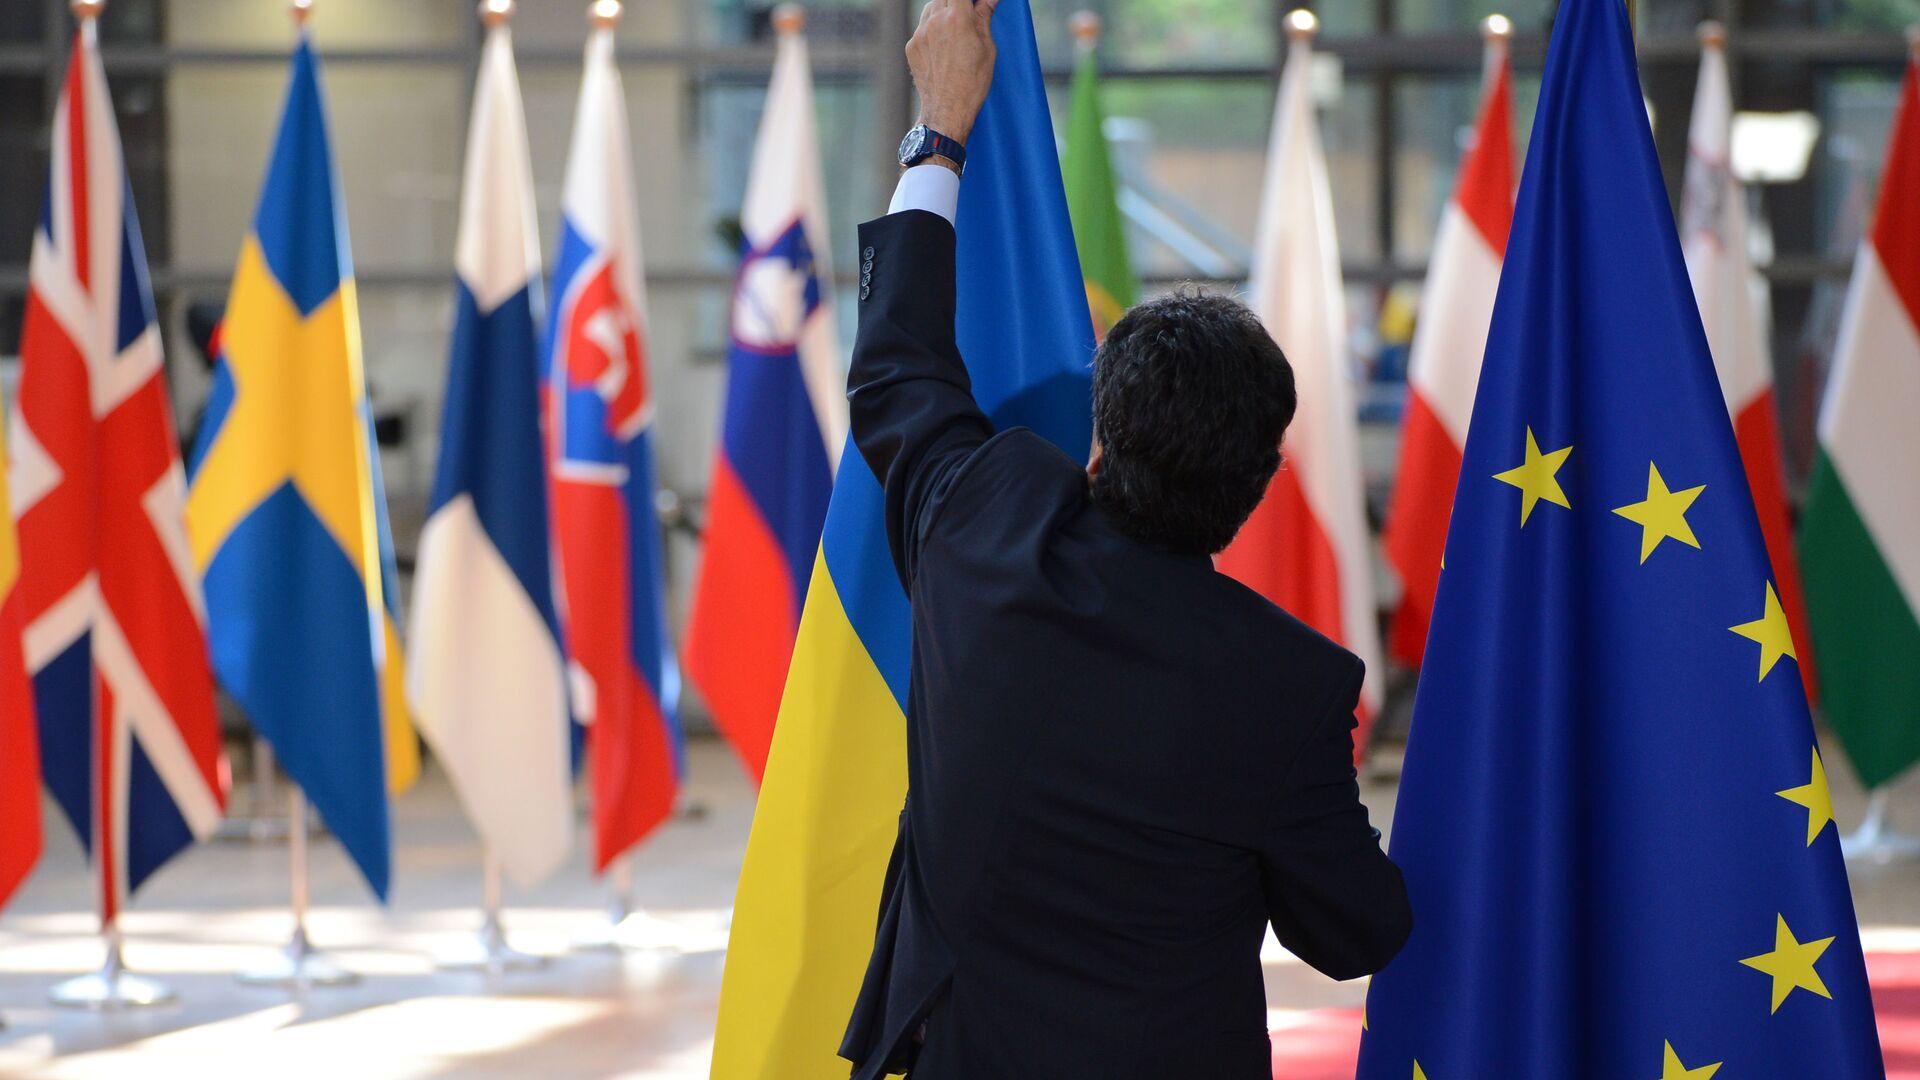 Флаги Украины и ЕС в Брюсселе - РИА Новости, 1920, 17.09.2020